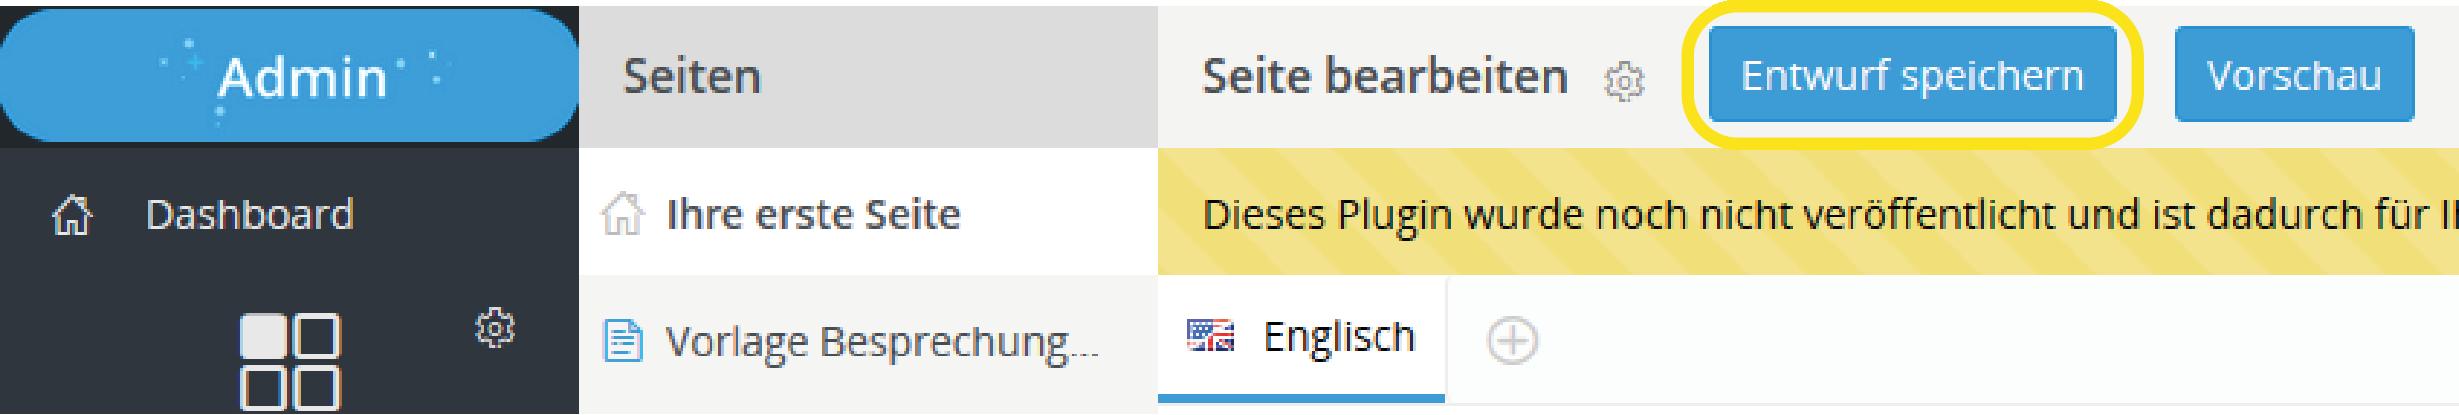 Seite_Entwurf_speichern_de.png